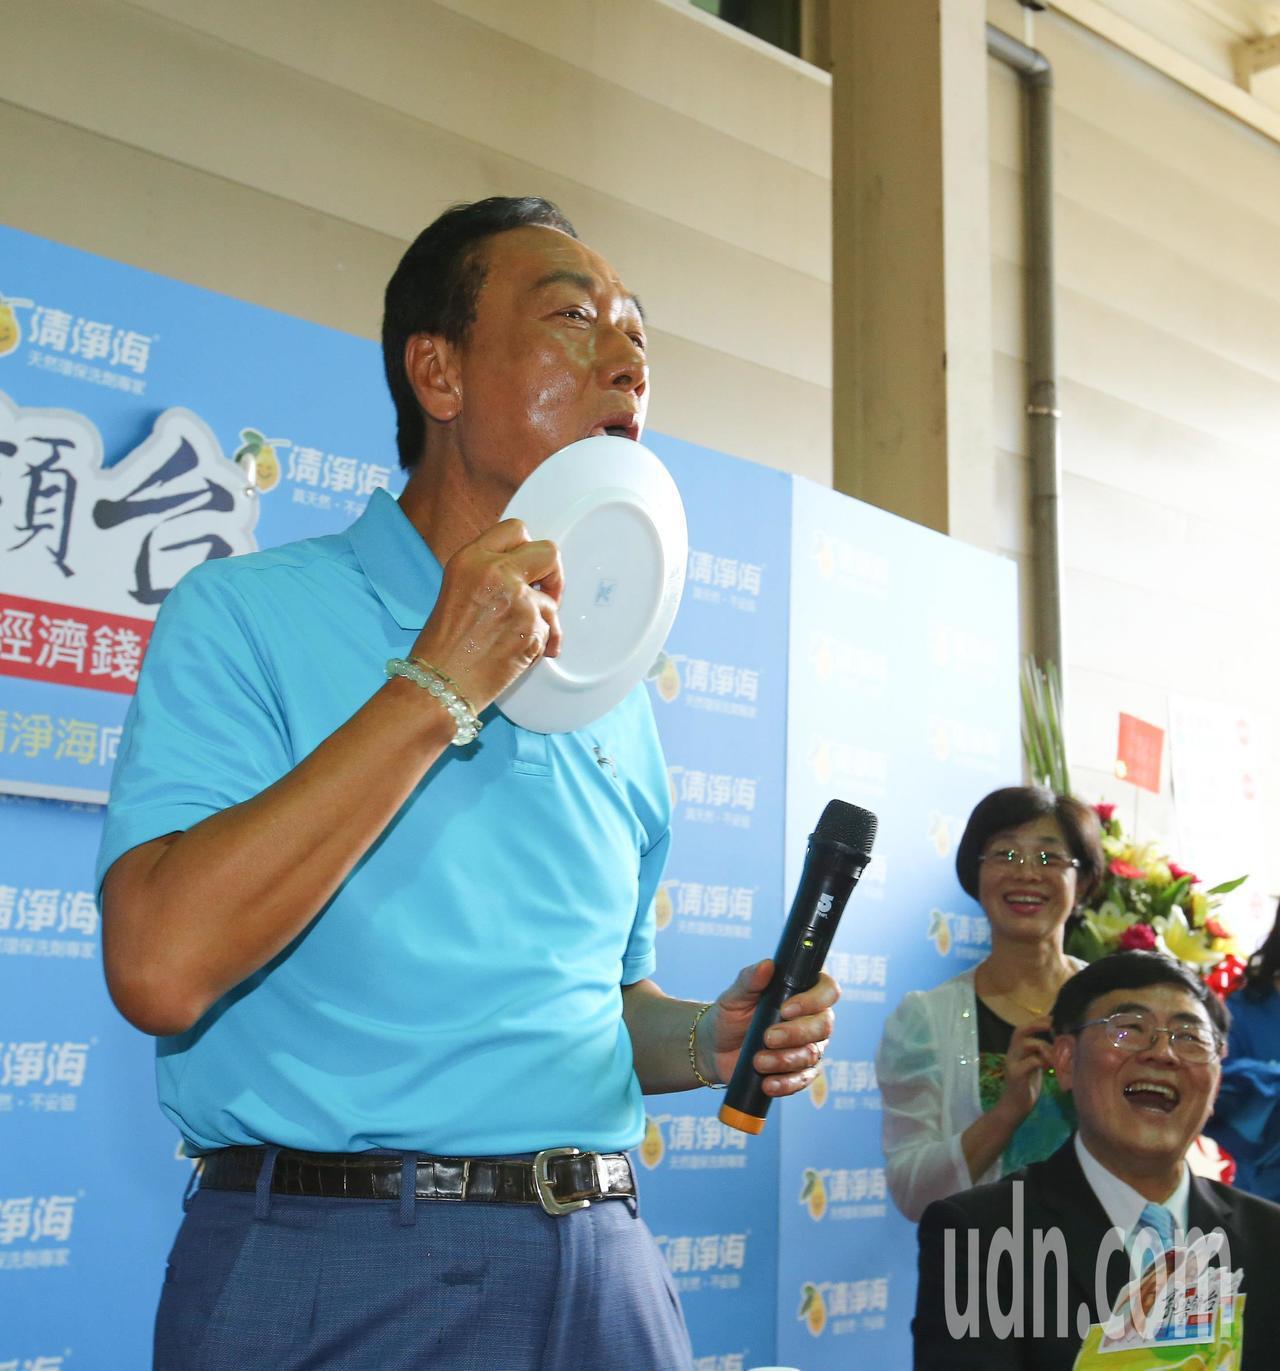 鴻海董事長郭台銘(左)上午到桃園市參訪清淨海生技公司,試用清淨海的環保產品洗盤子...